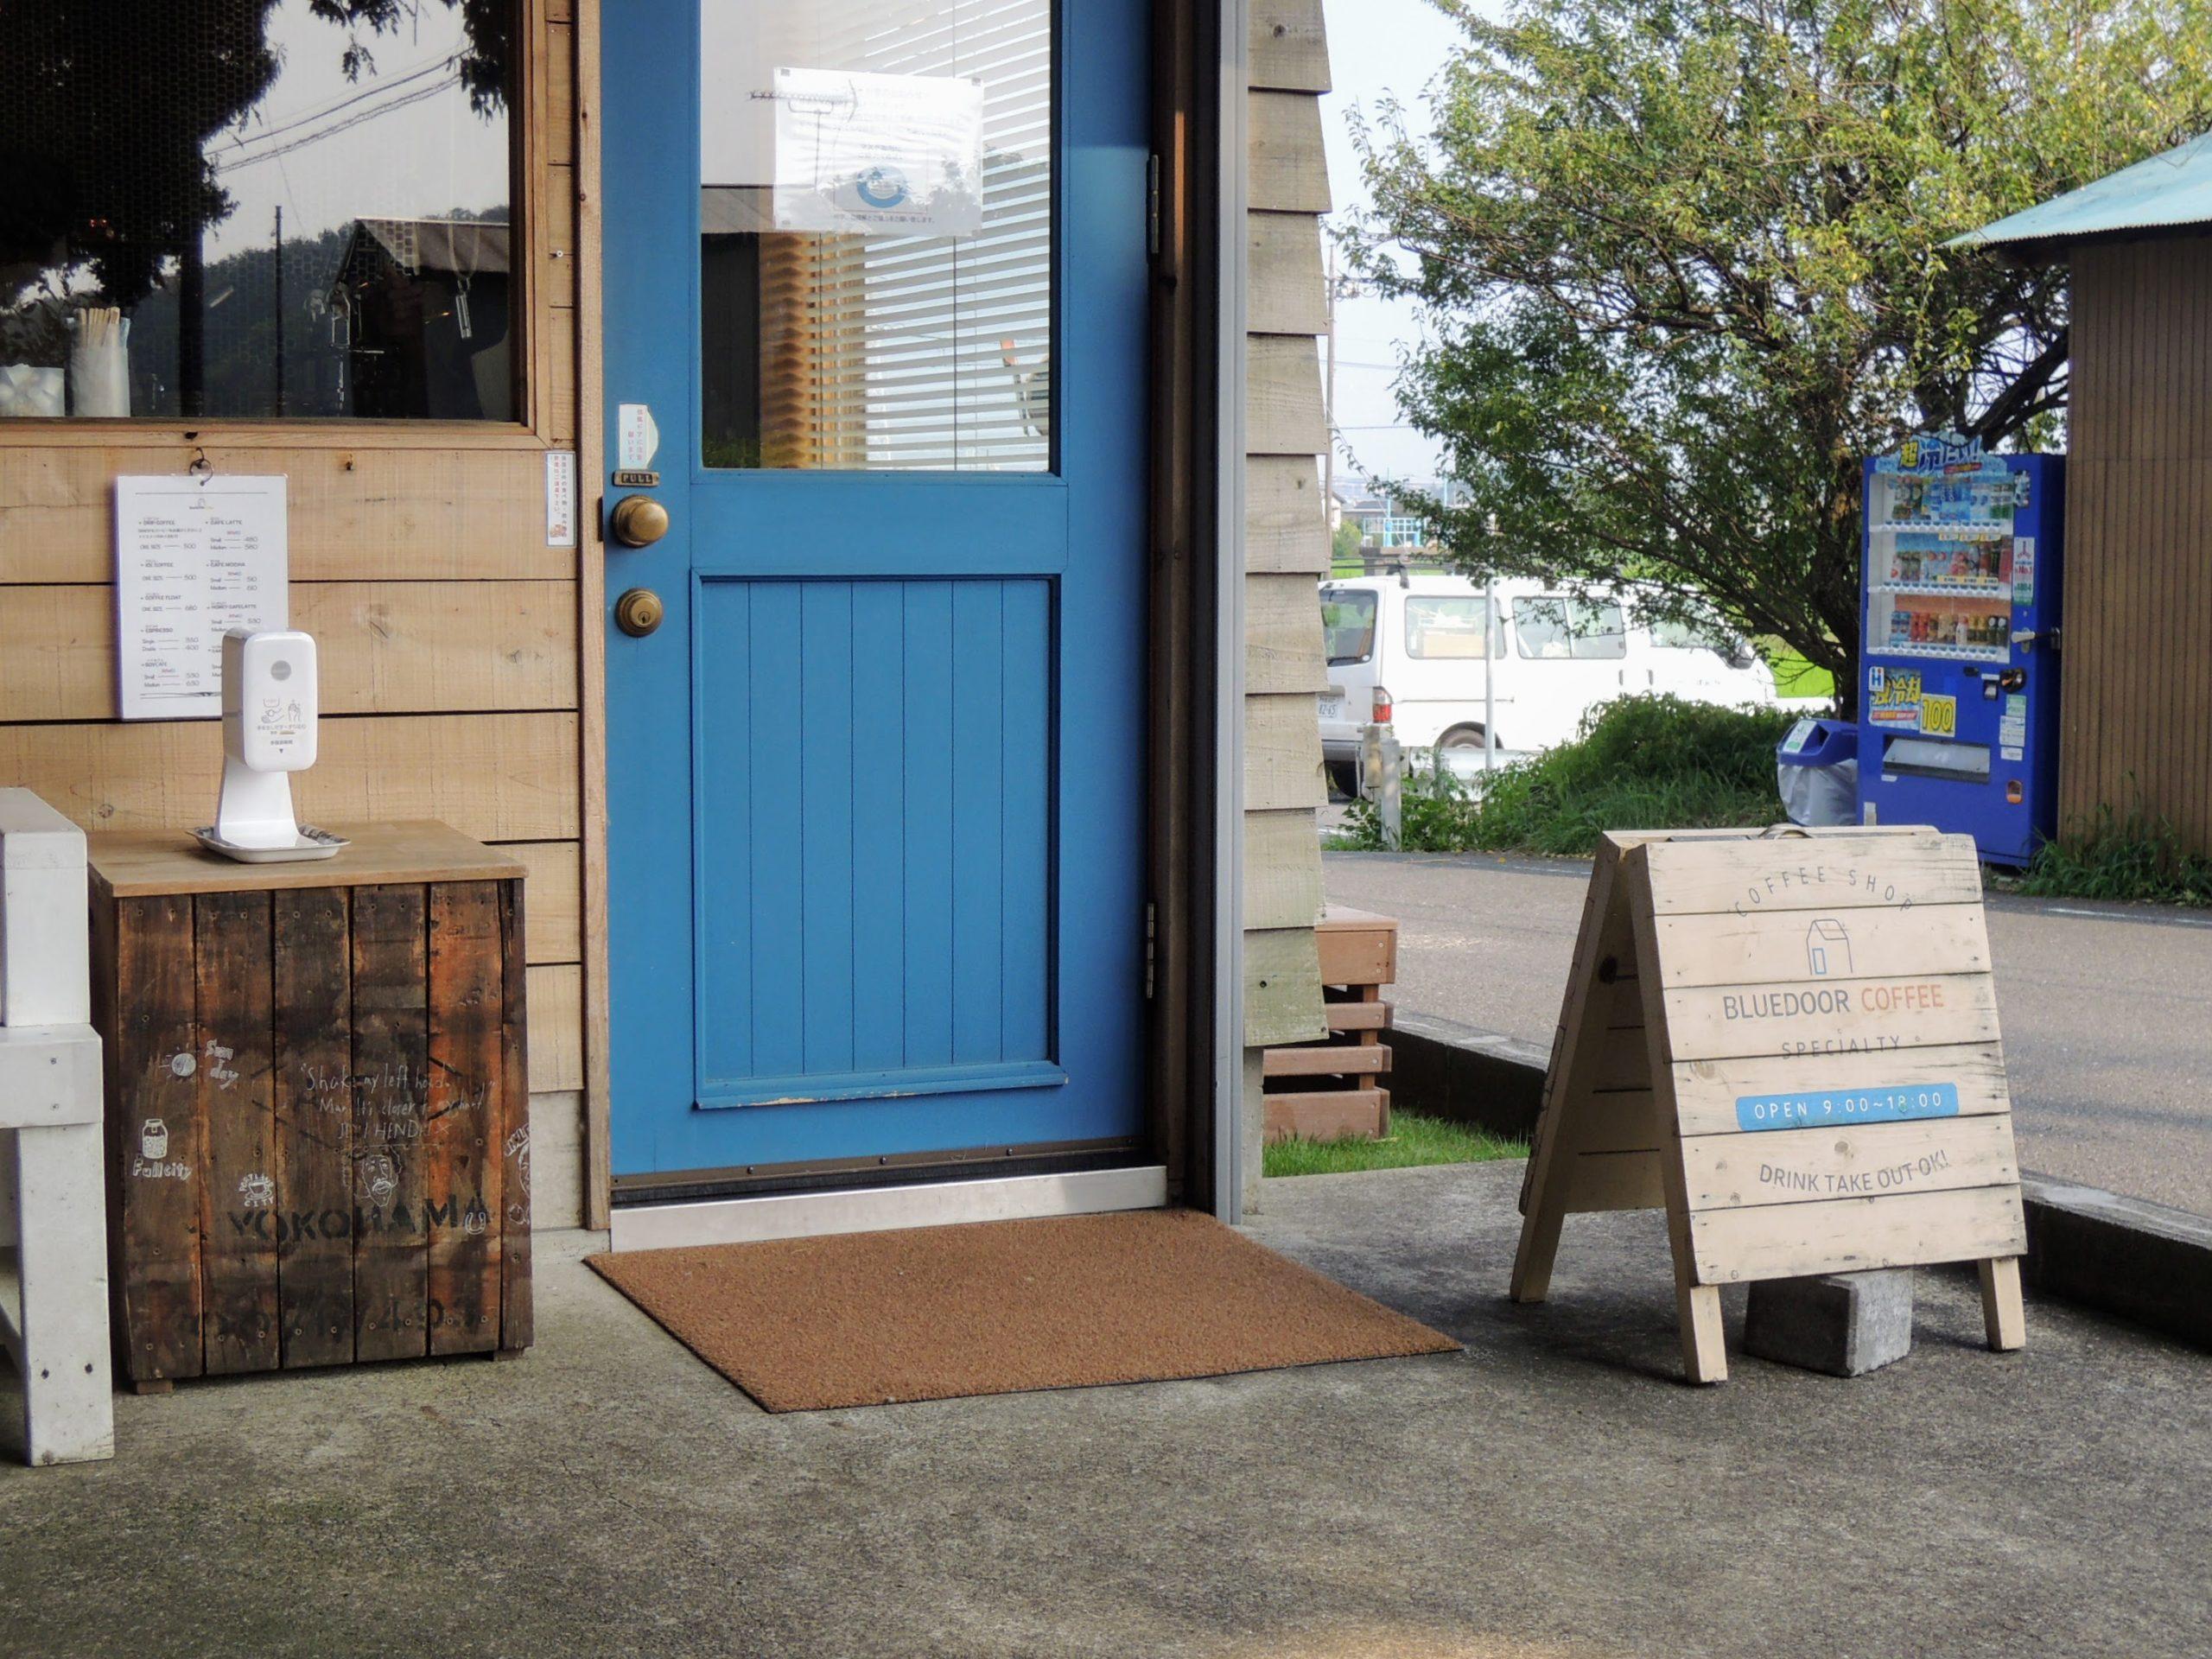 ブルードアコーヒーの店舗入口